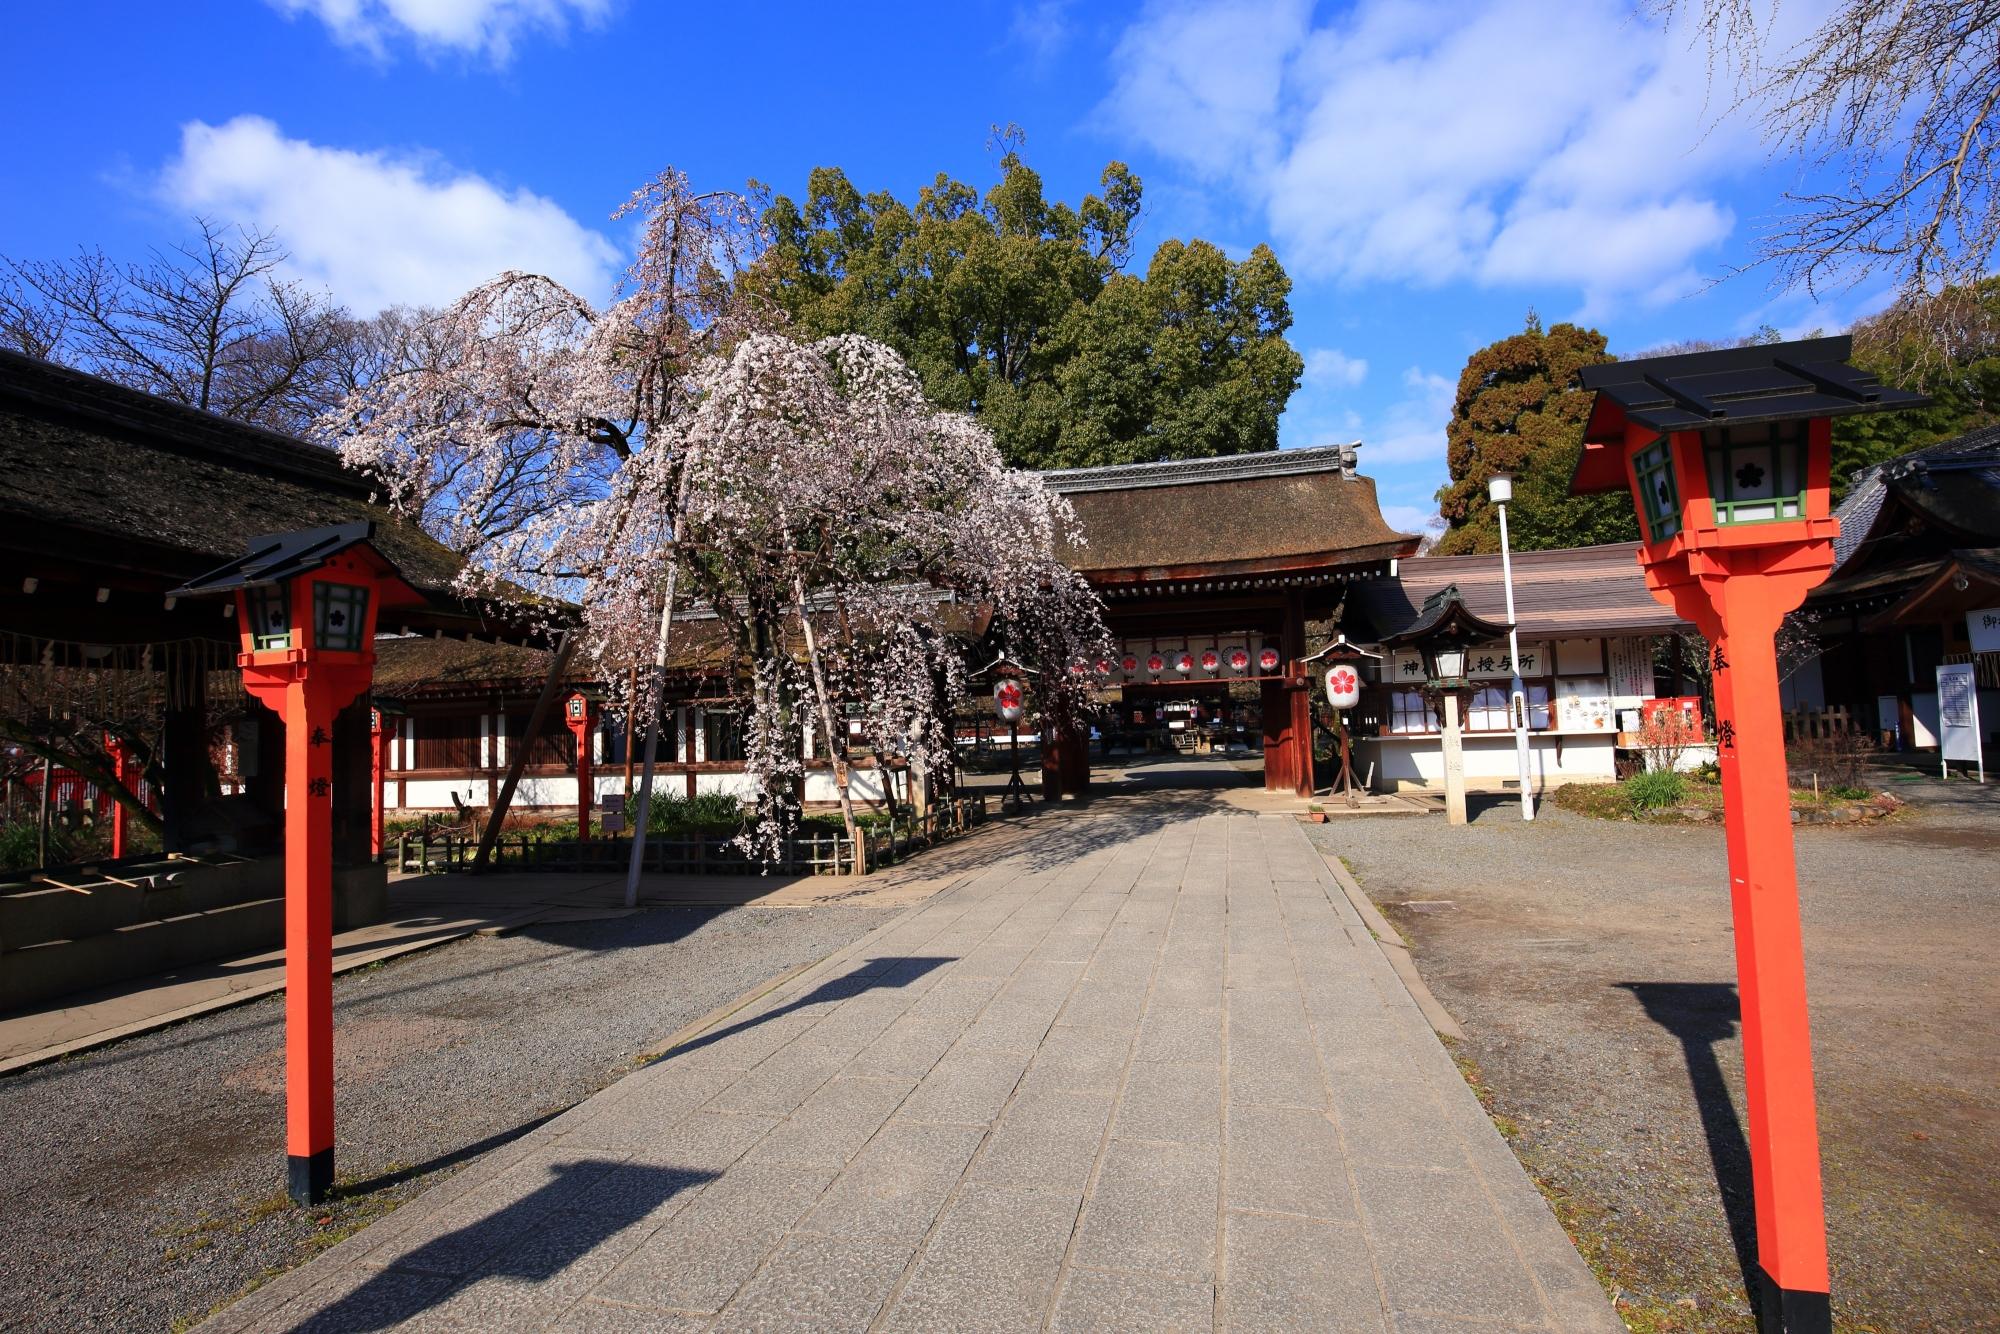 早咲きのしだれ桜として有名な平野神社の魁桜